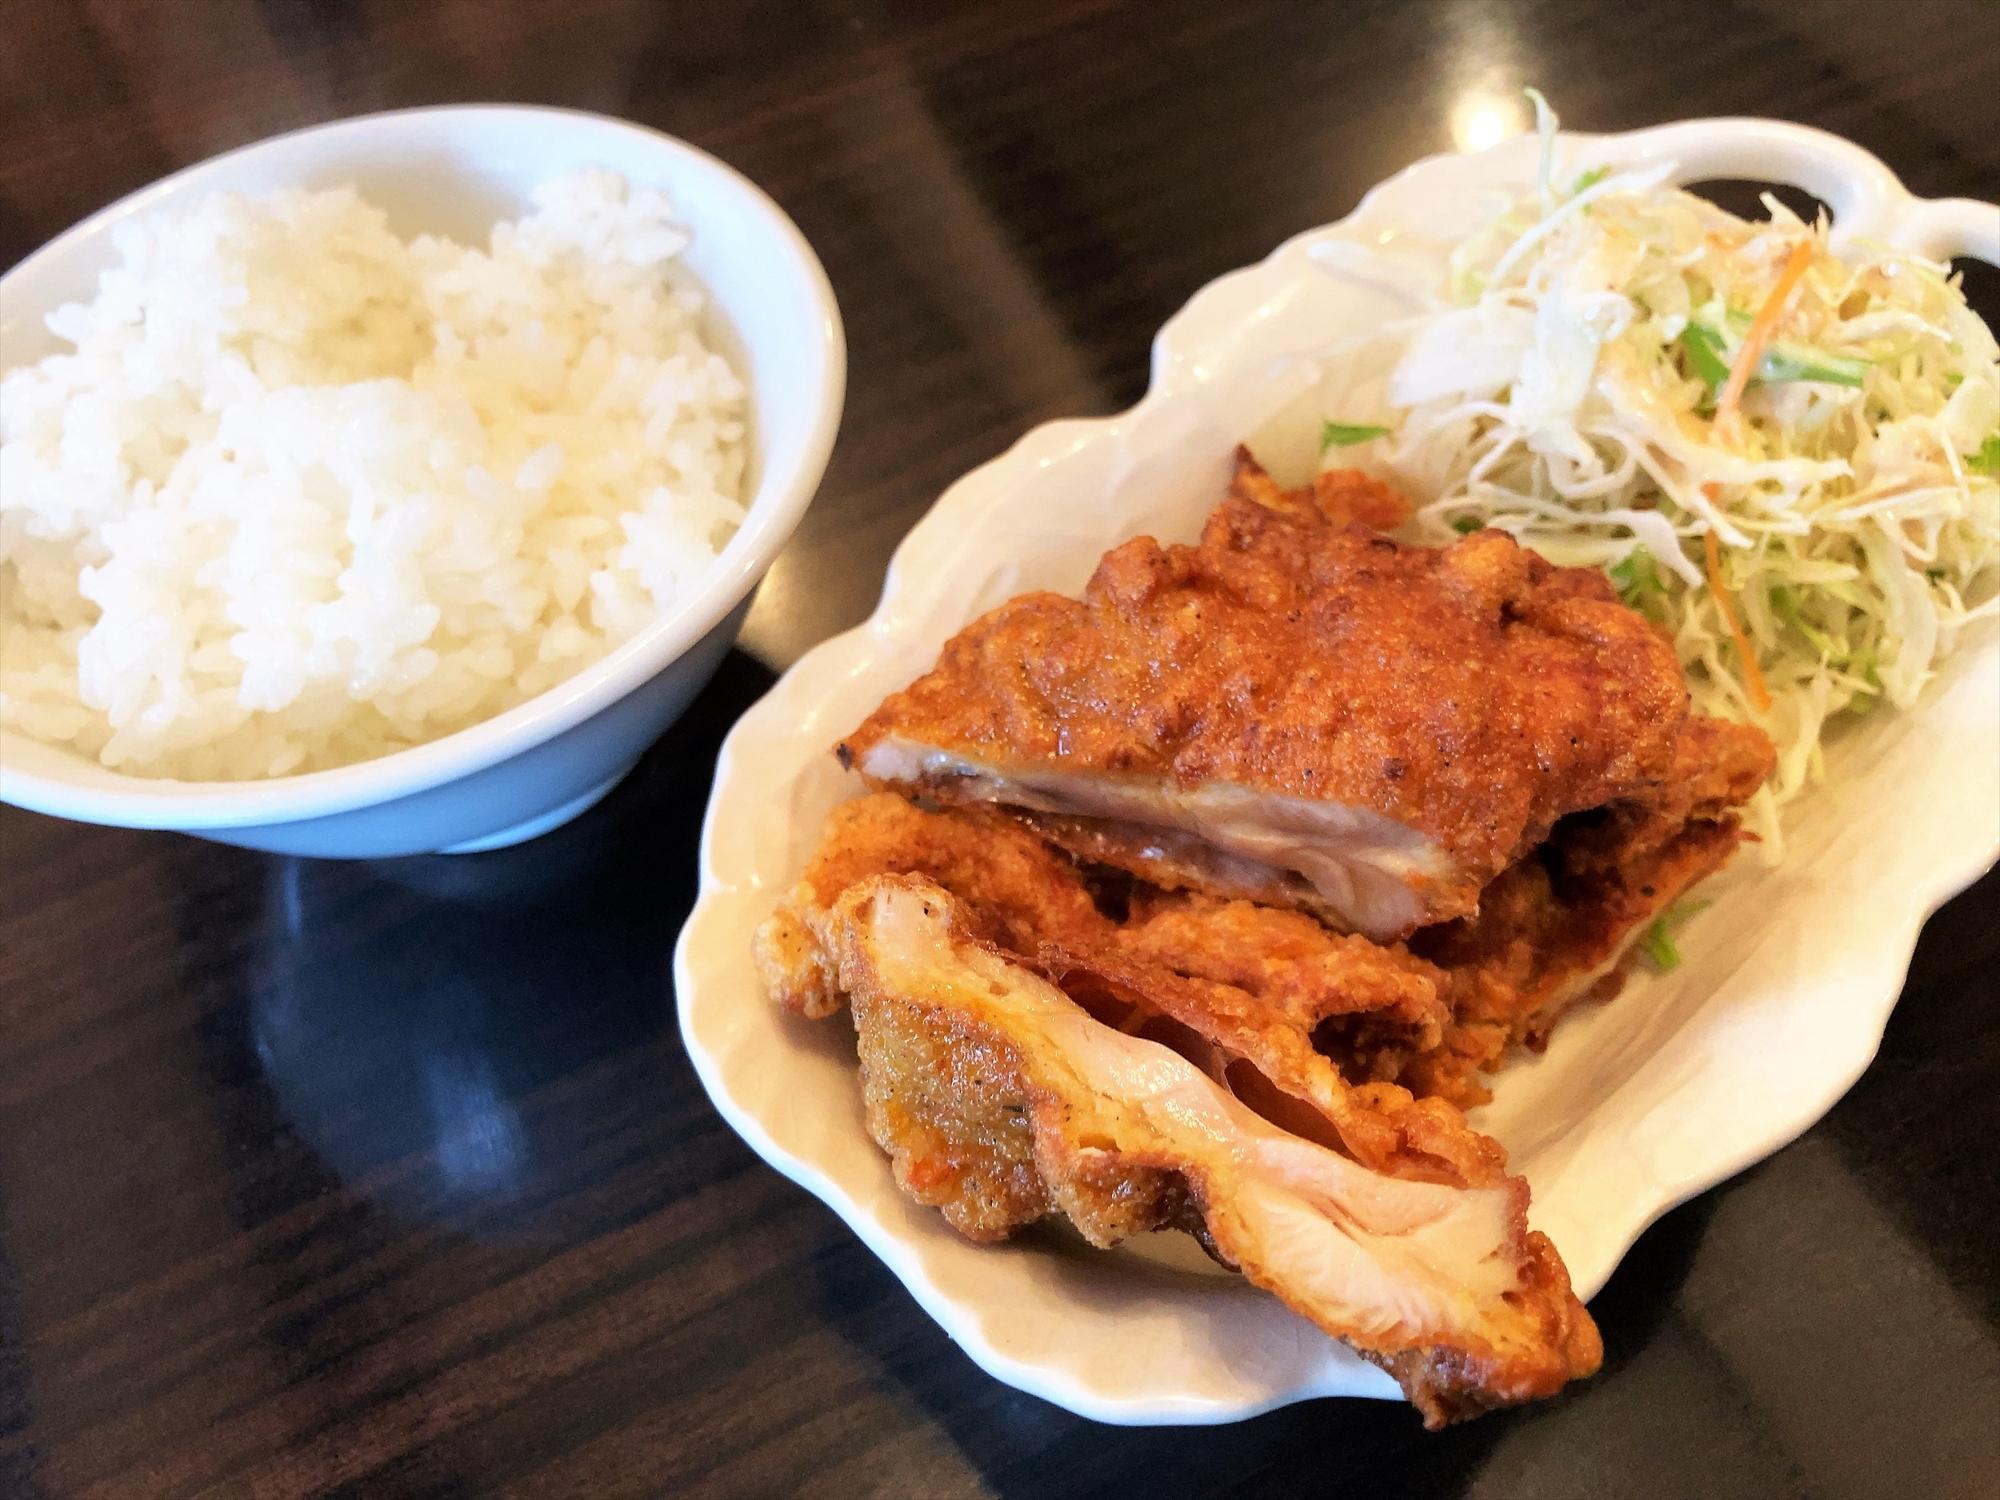 本場中国料理 999 小籠包「唐揚げ及びライス」